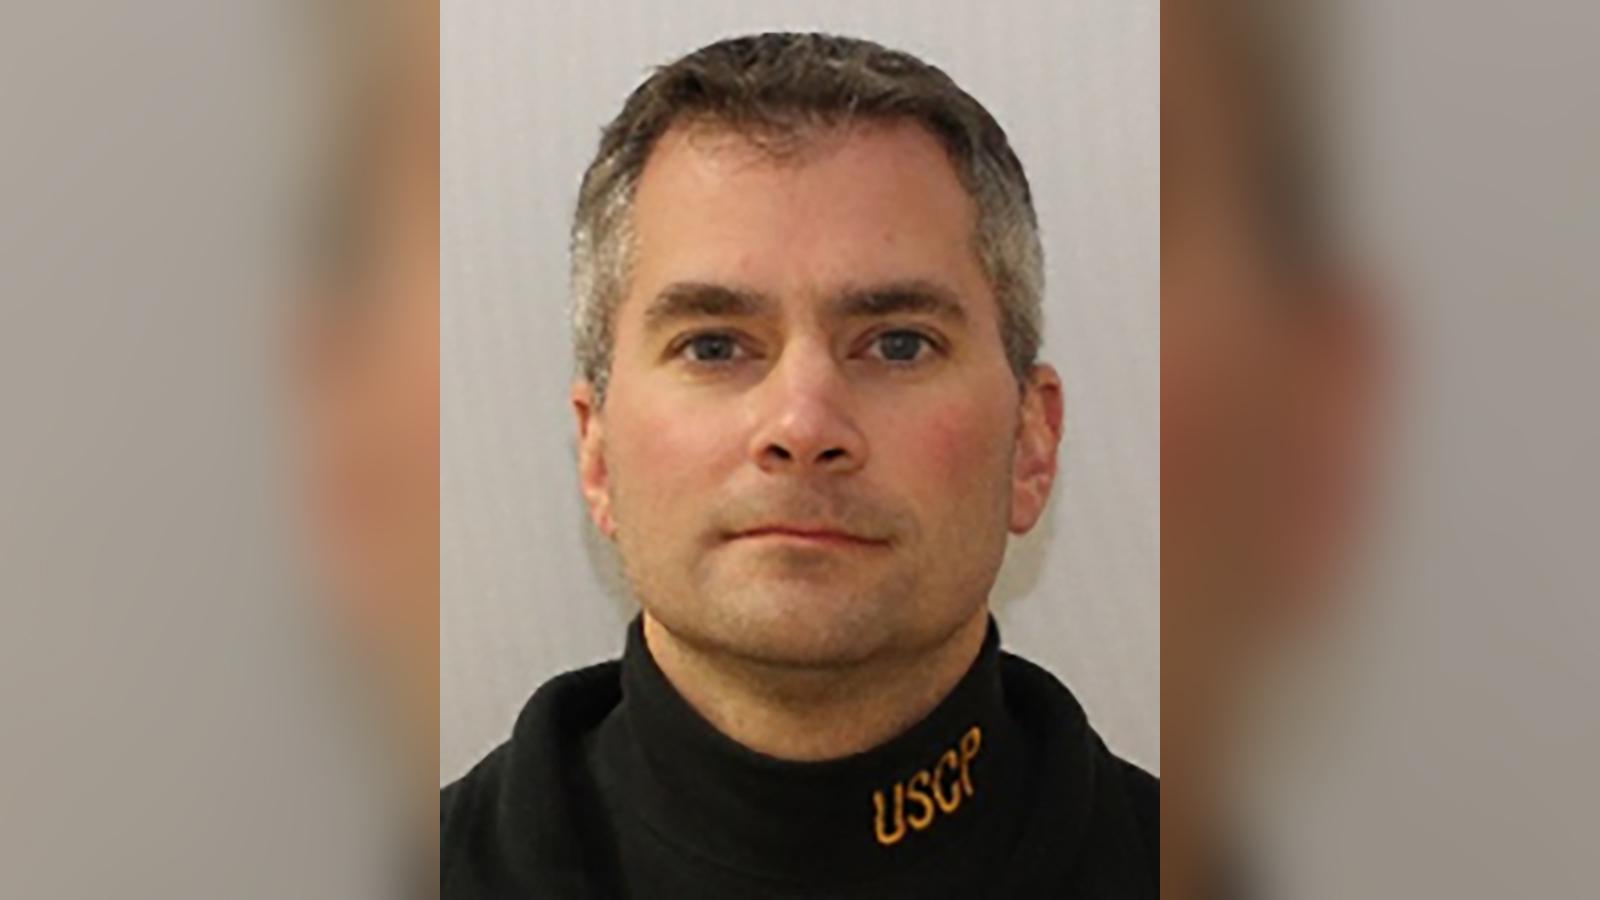 Officer Brian D. Sicknick